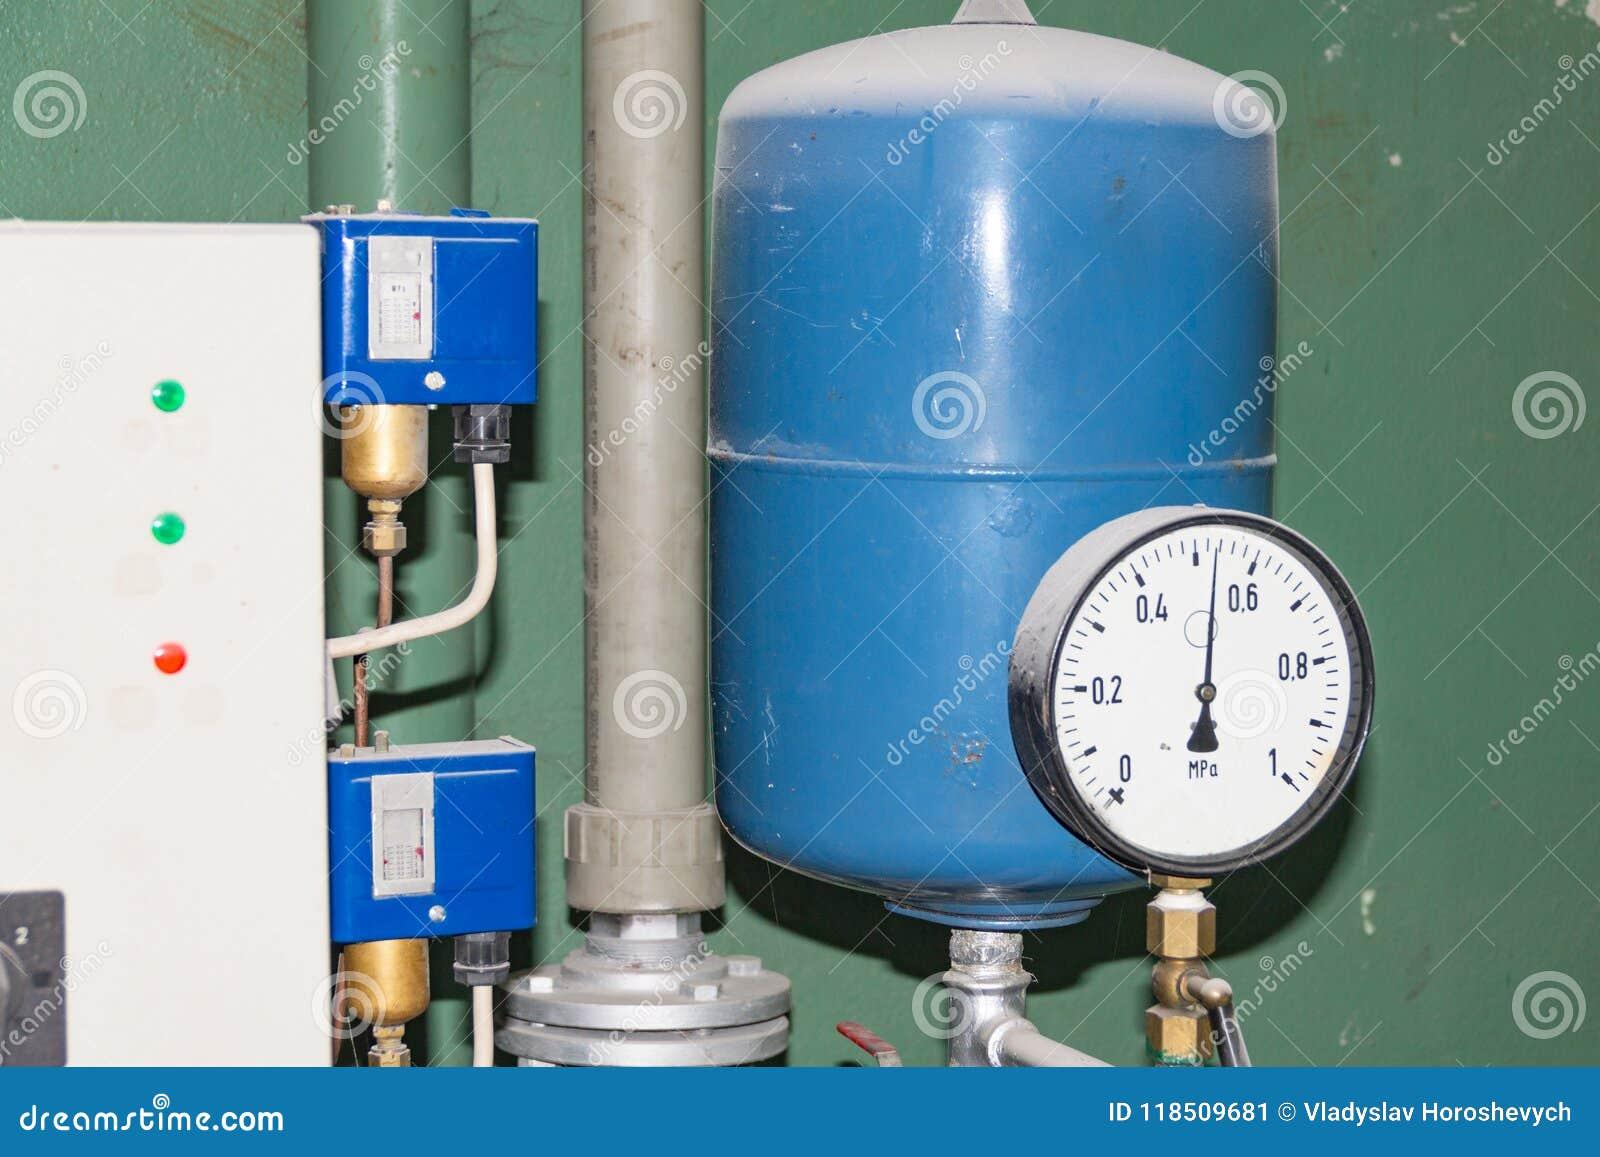 Main Pumping Station, Hot Water, Air Pressure Sensor Stock Image ...